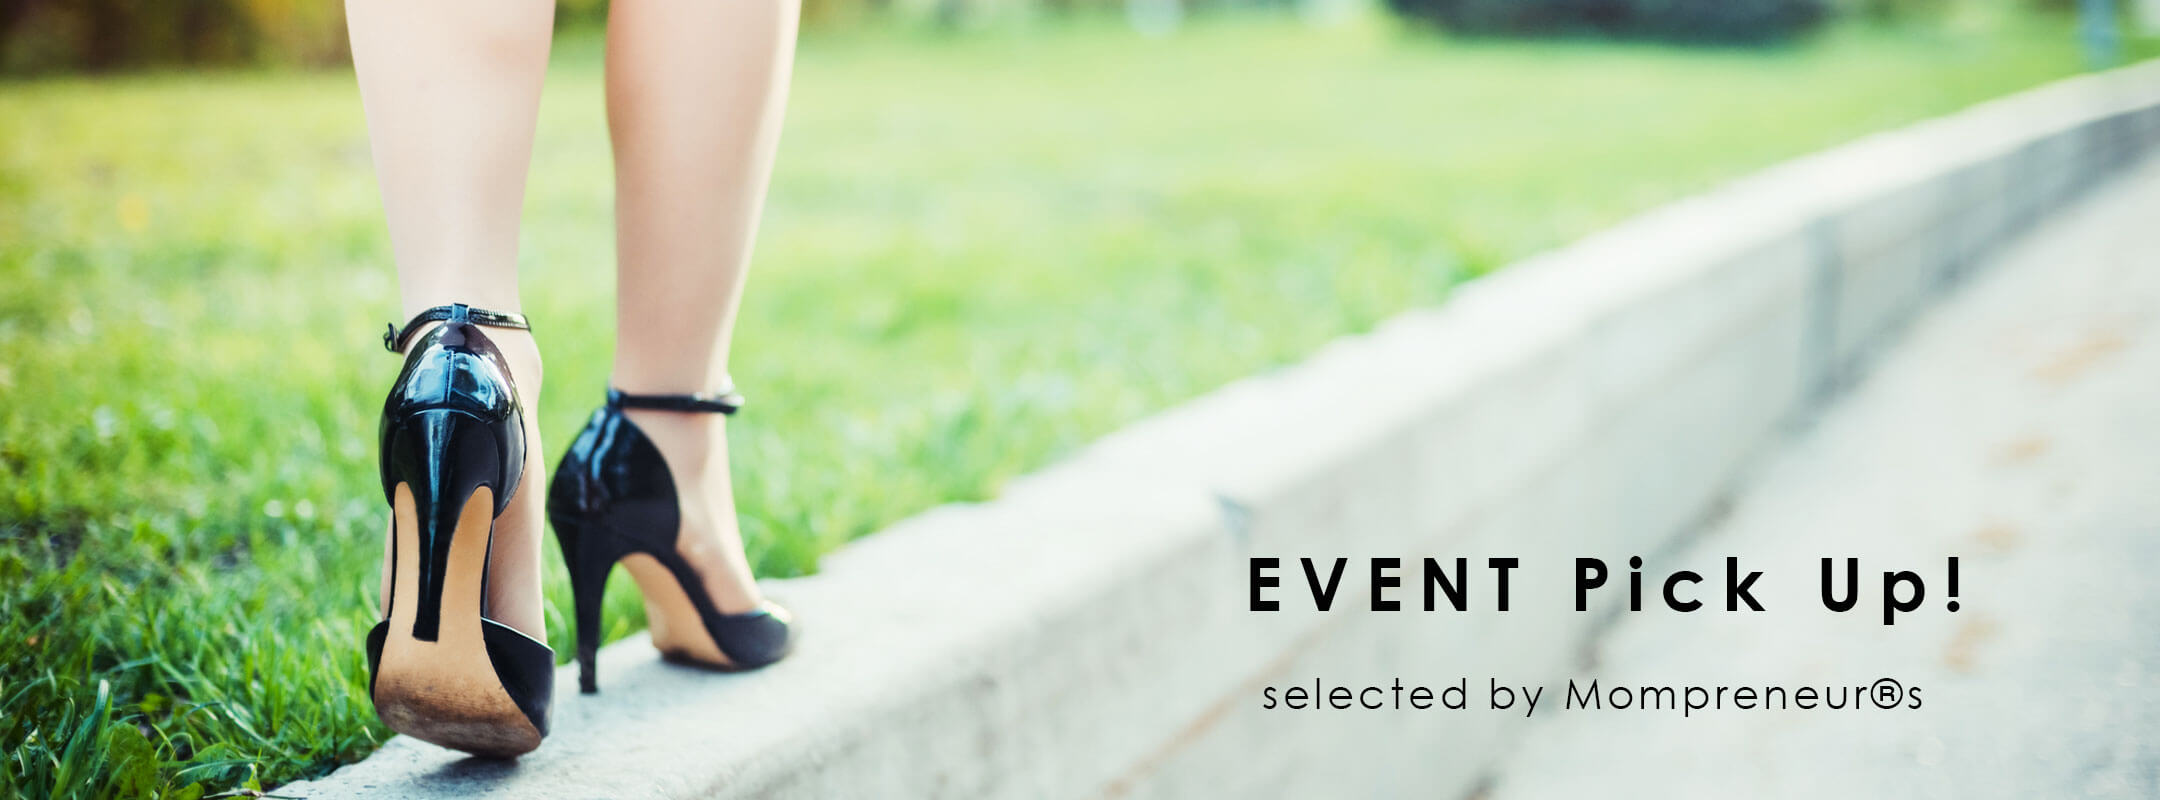 [EVENT Pick Up !]ママプレナーにオススメの、8-9月開催イベントをご紹介!vol.1